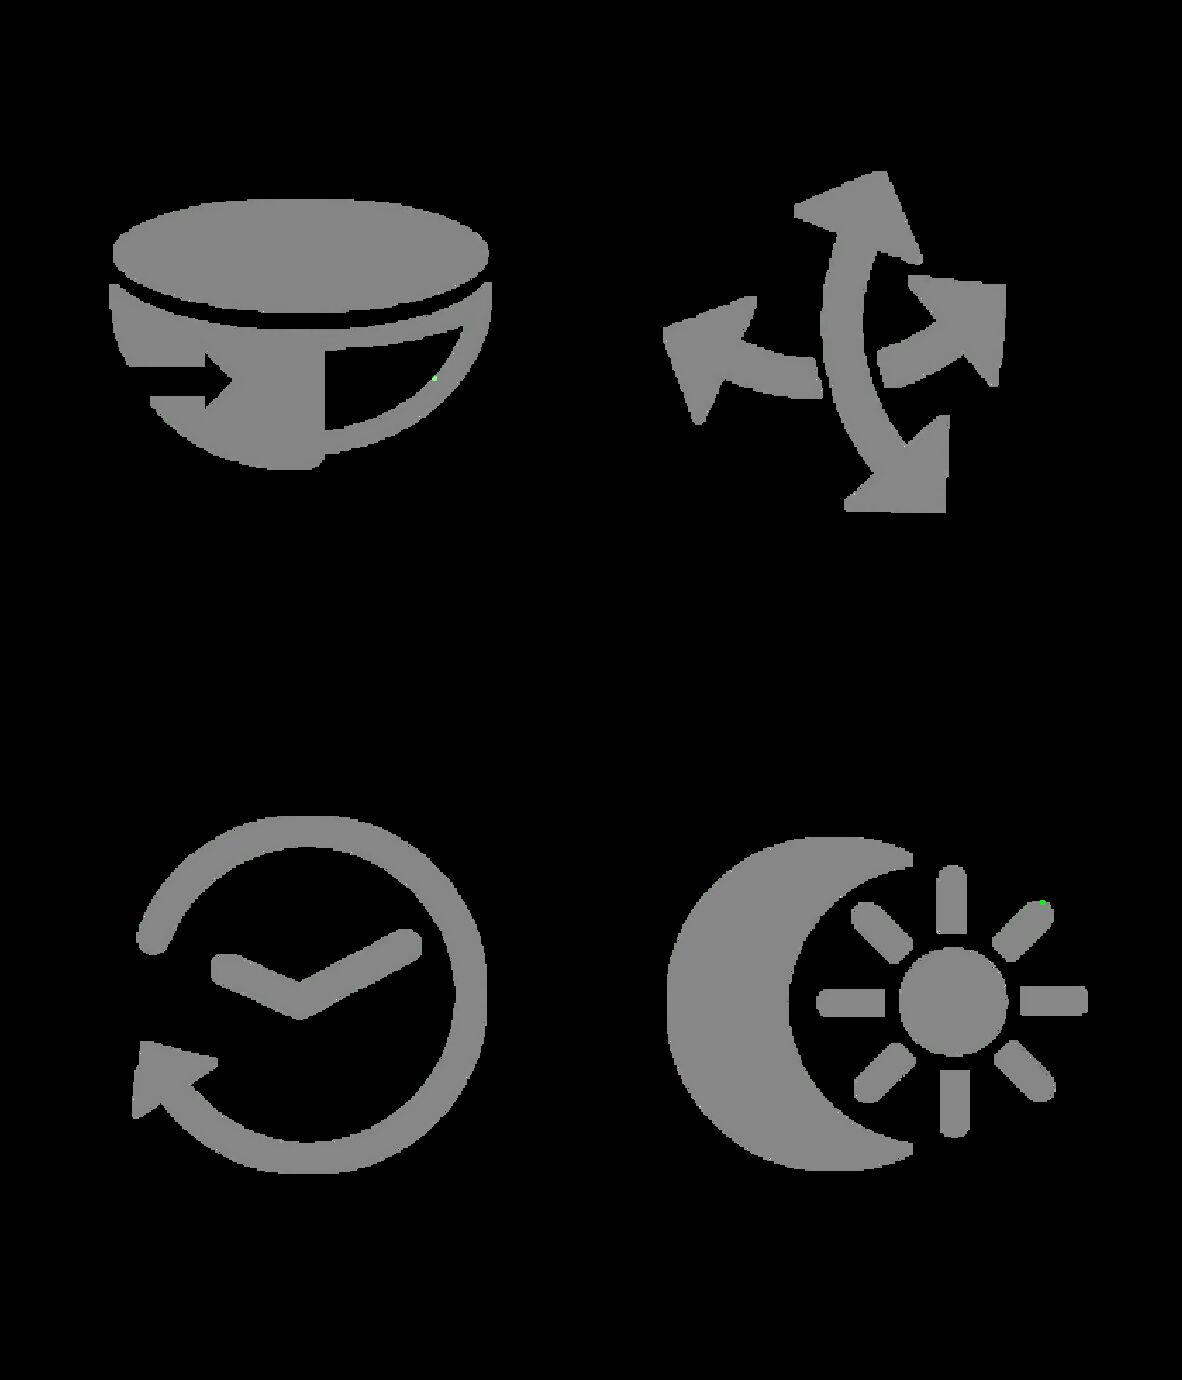 Vier Piktogramme, die die Einstellmöglichkeiten der Sensoren illustrieren: Drehen, Schwenken, Zeiteinstellung und Ansprechhelligkeit